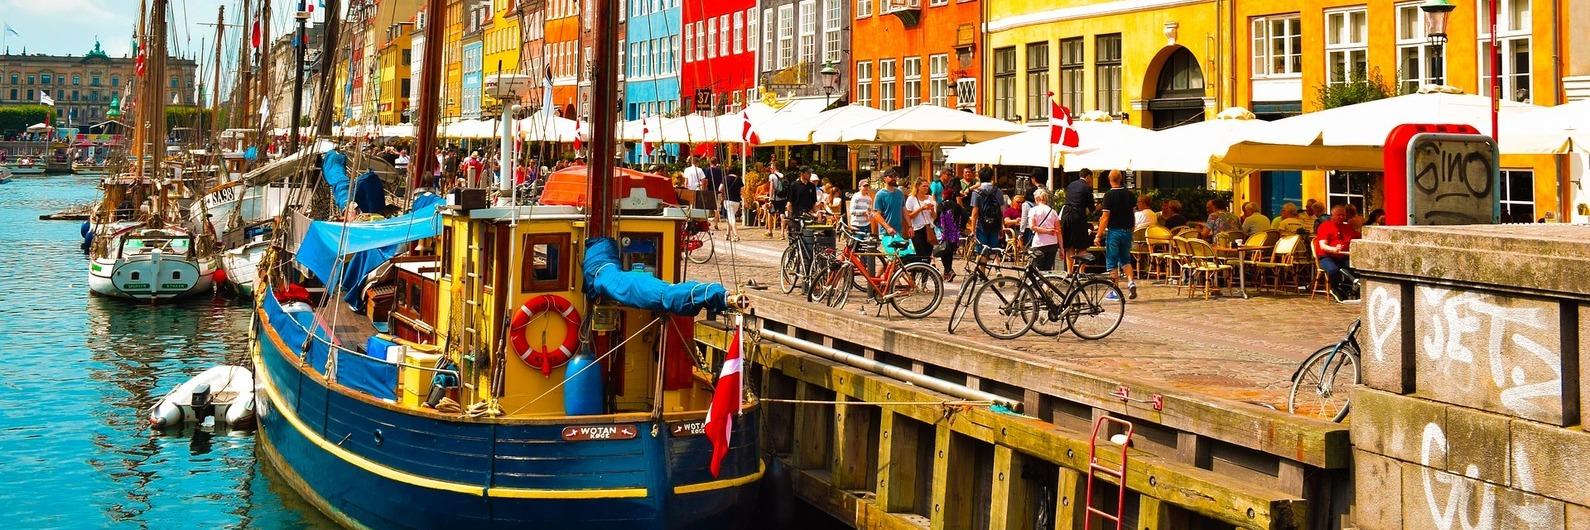 Seis locais para comer ao ar livre em Copenhaga